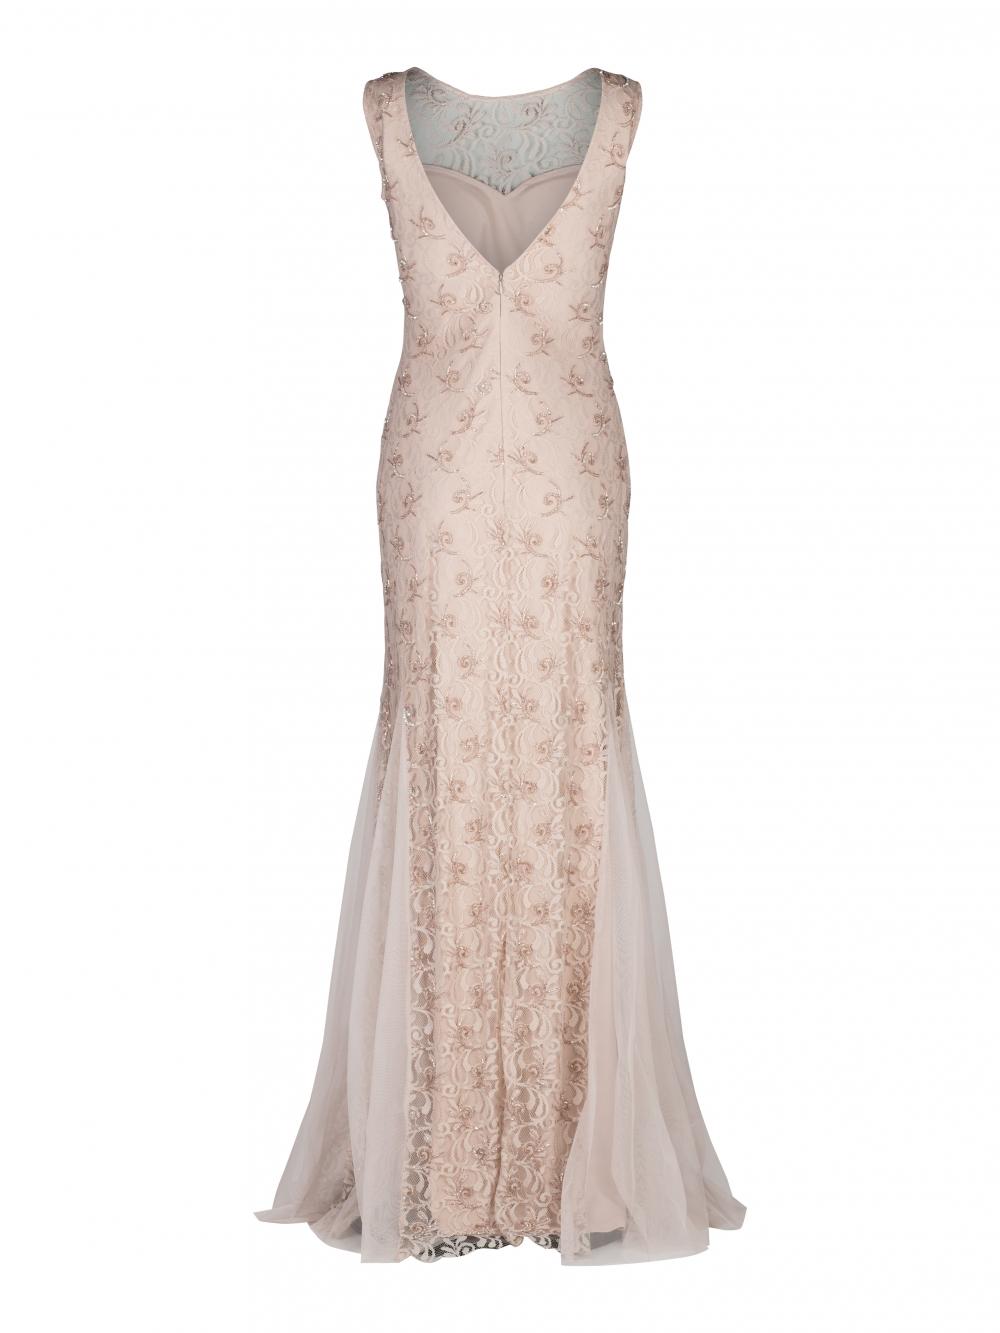 d6572321f656 Långklänning Spets från Swing - handla i butik eller online hos Modevi